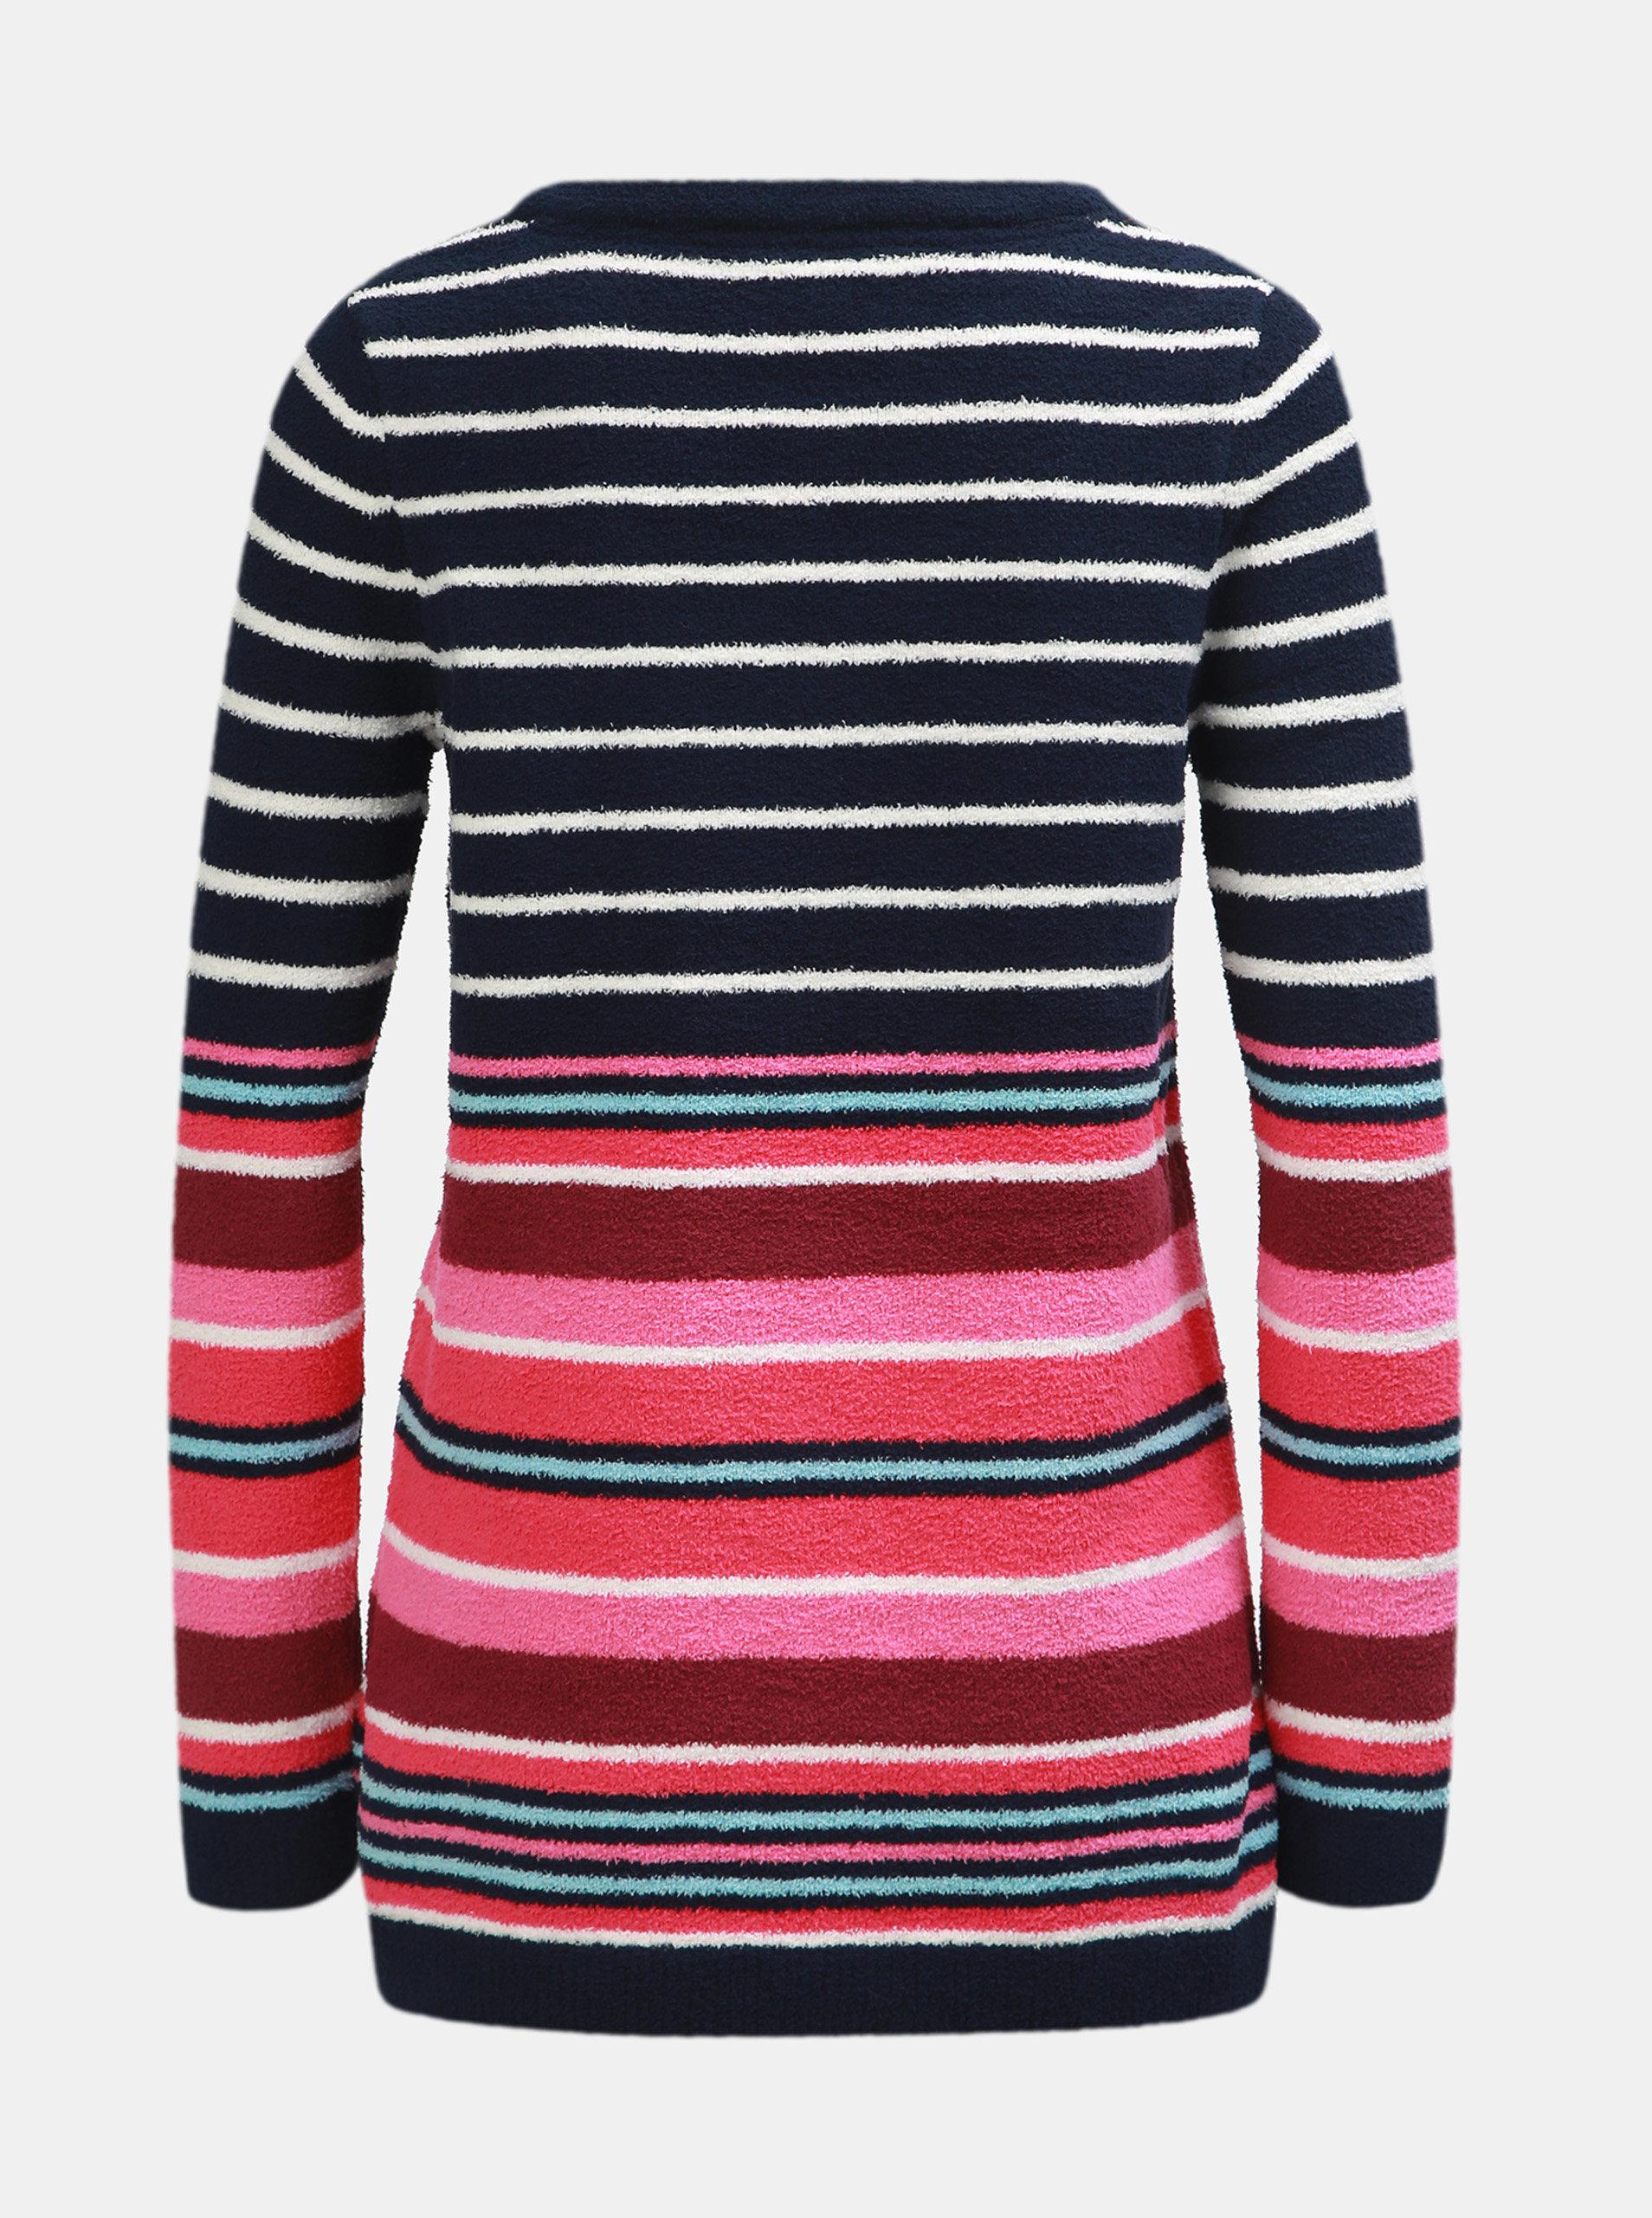 Růžovo-modrý dámský pruhovaný svetr Tom Joule ... 2d8cb23c28